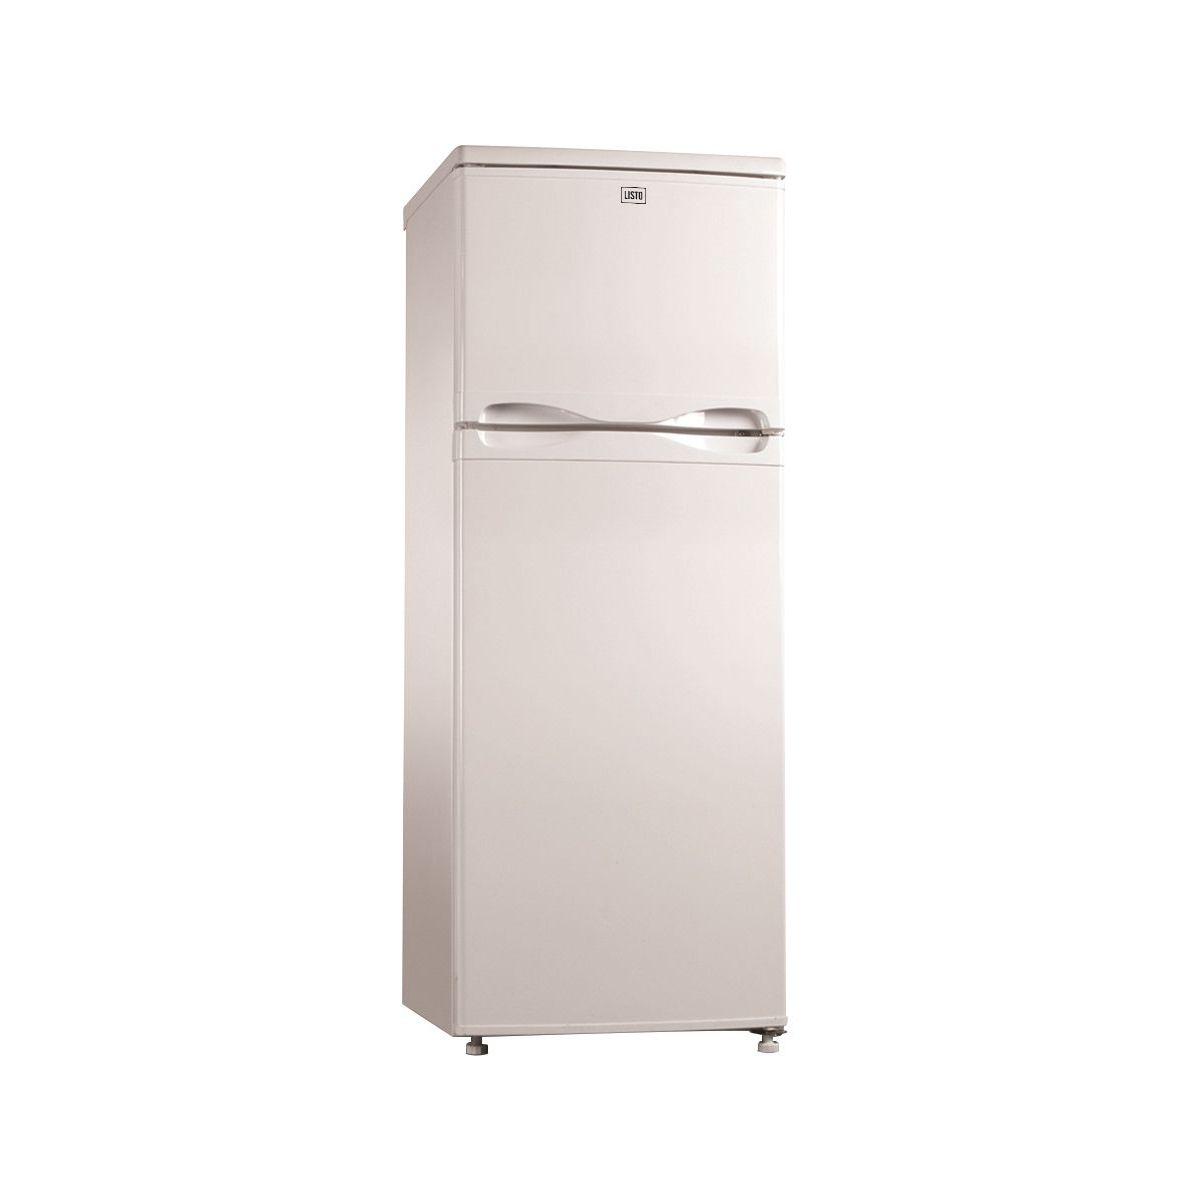 Réfrigérateur congélateur en haut LISTO RDL 145-55b1 (photo)